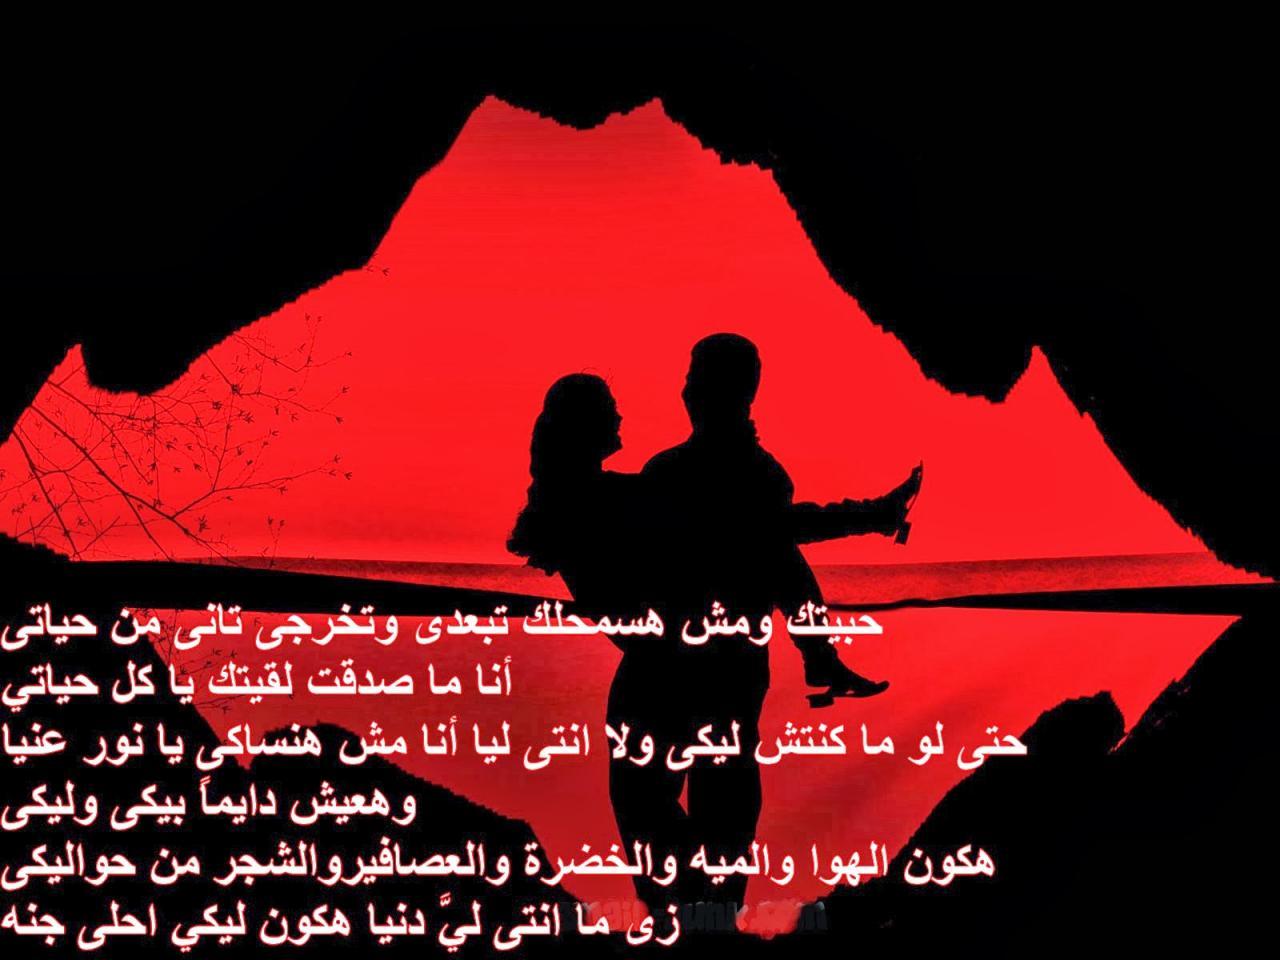 صورة كلام حب جنوني , ارق كلمات الحب 12899 3